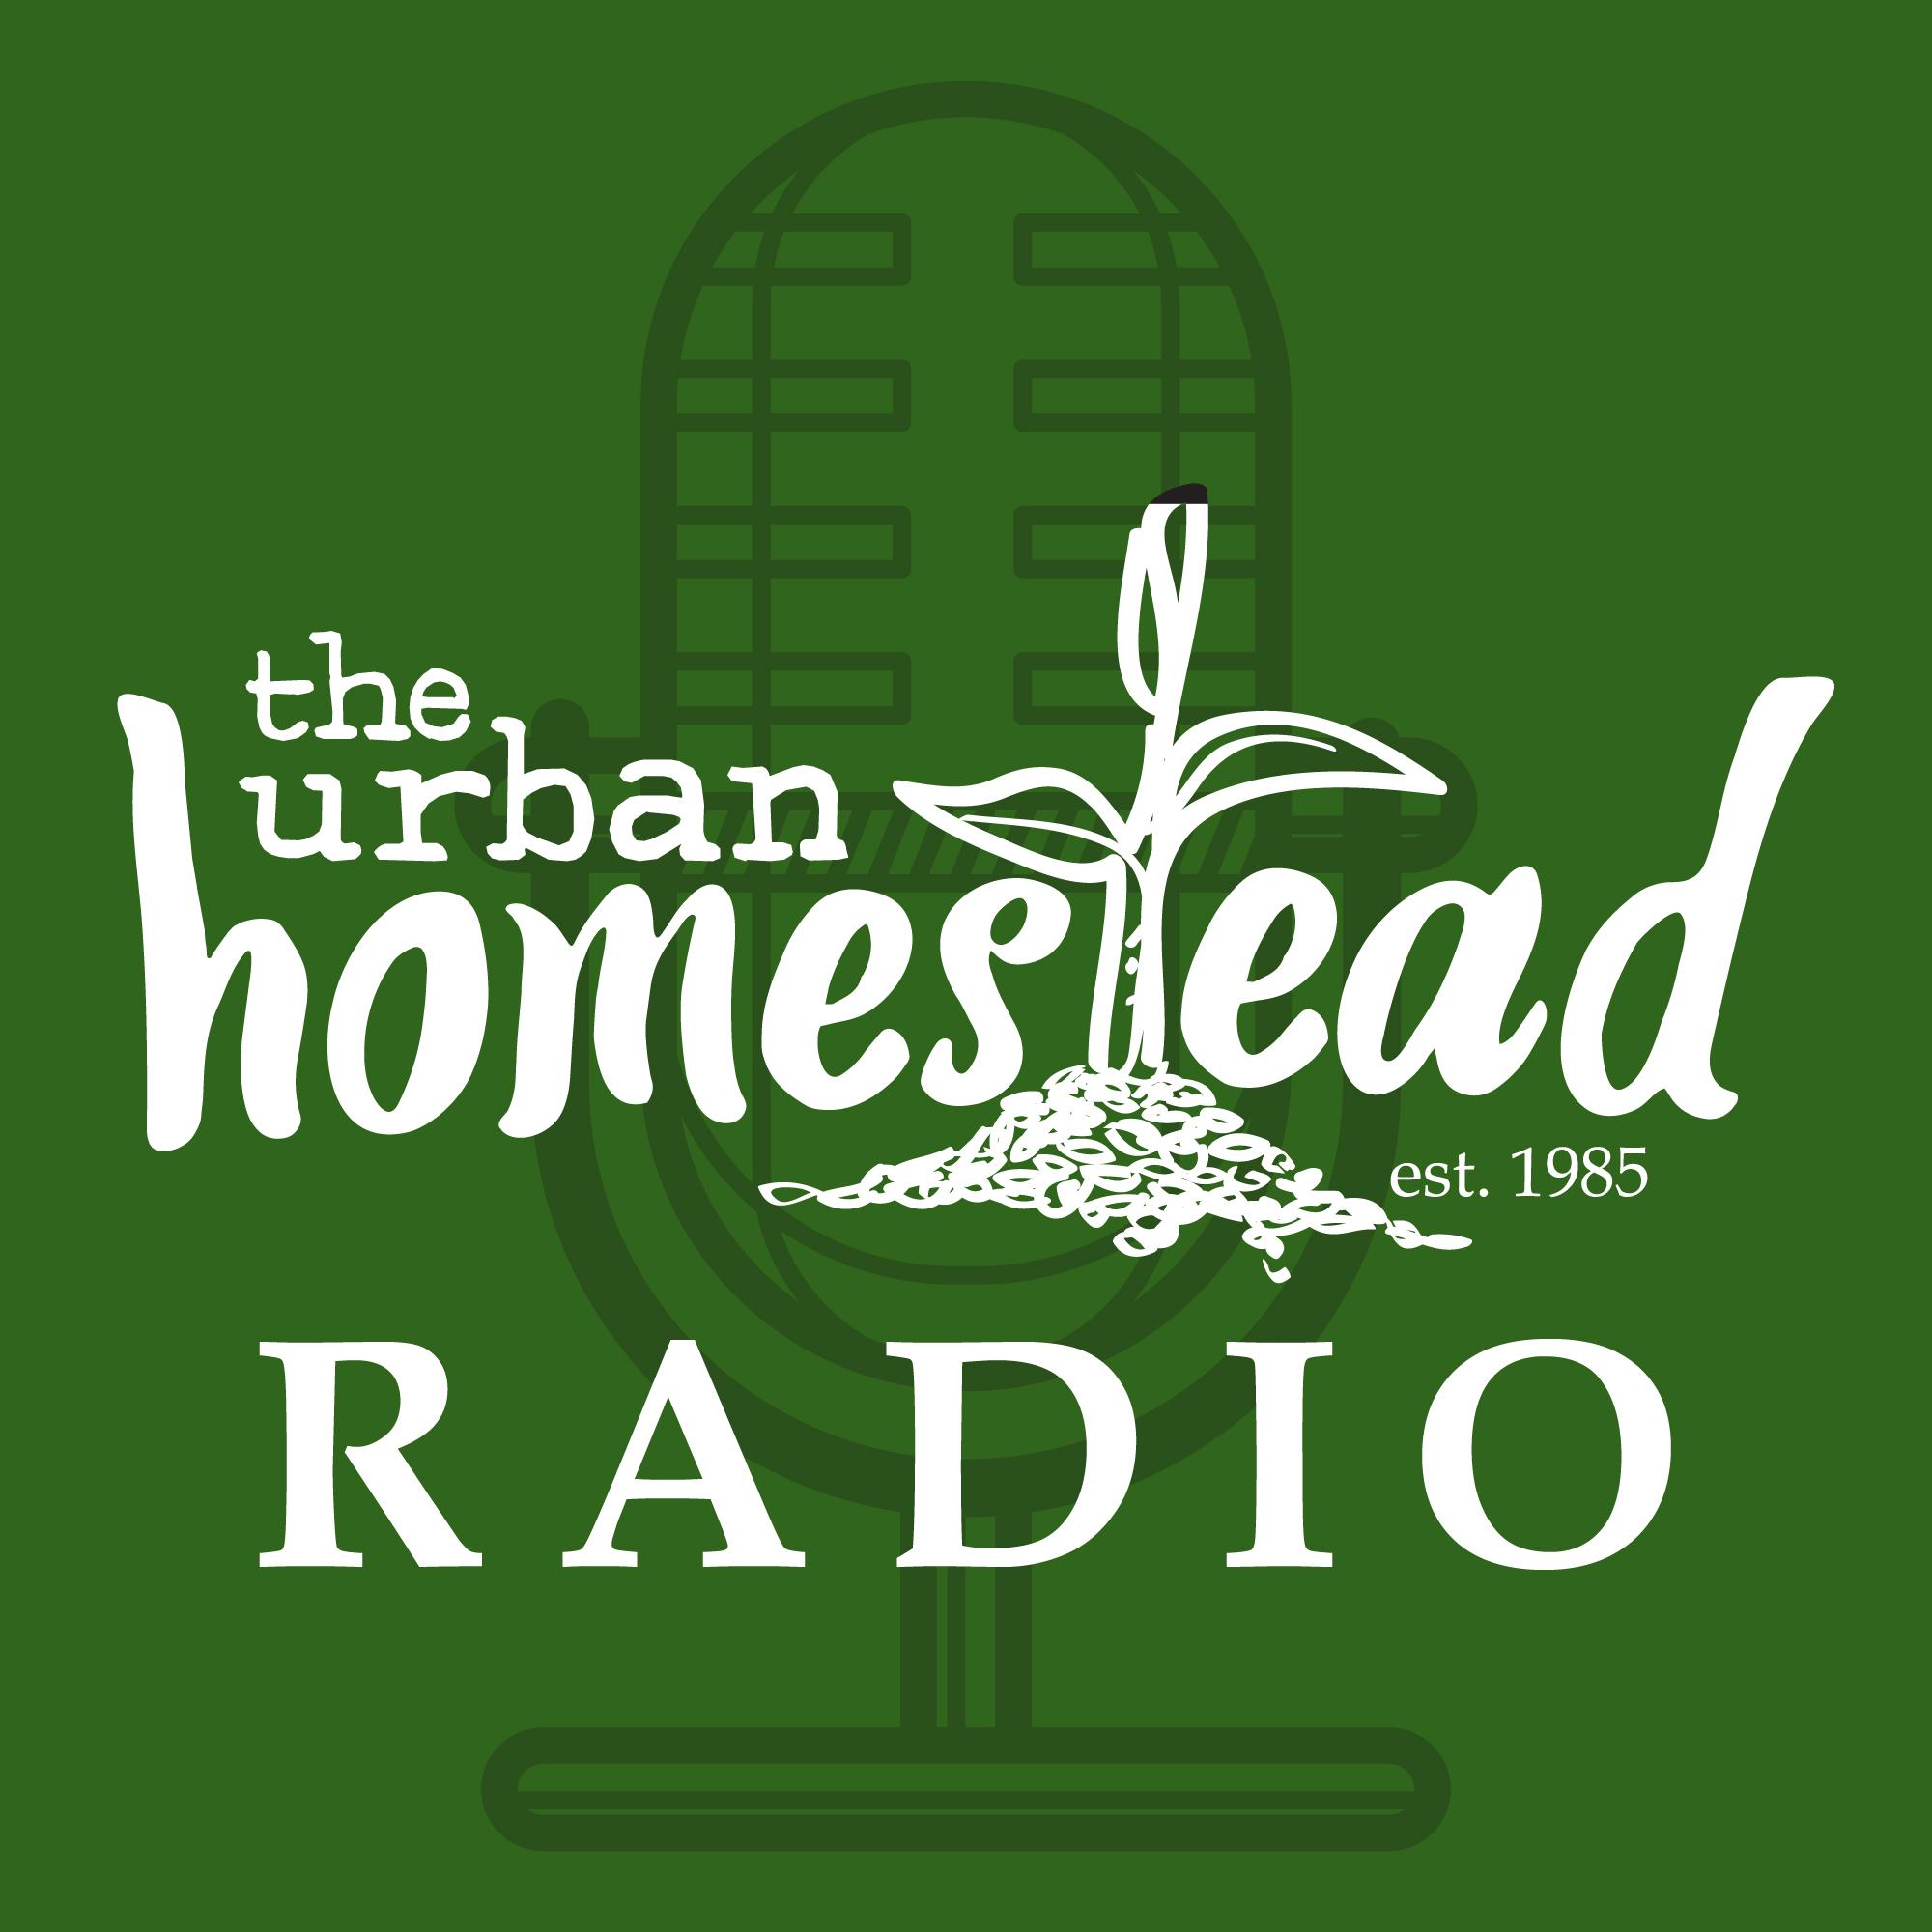 Urban Homestead Radio Episode 66: Mid-Summer Updates